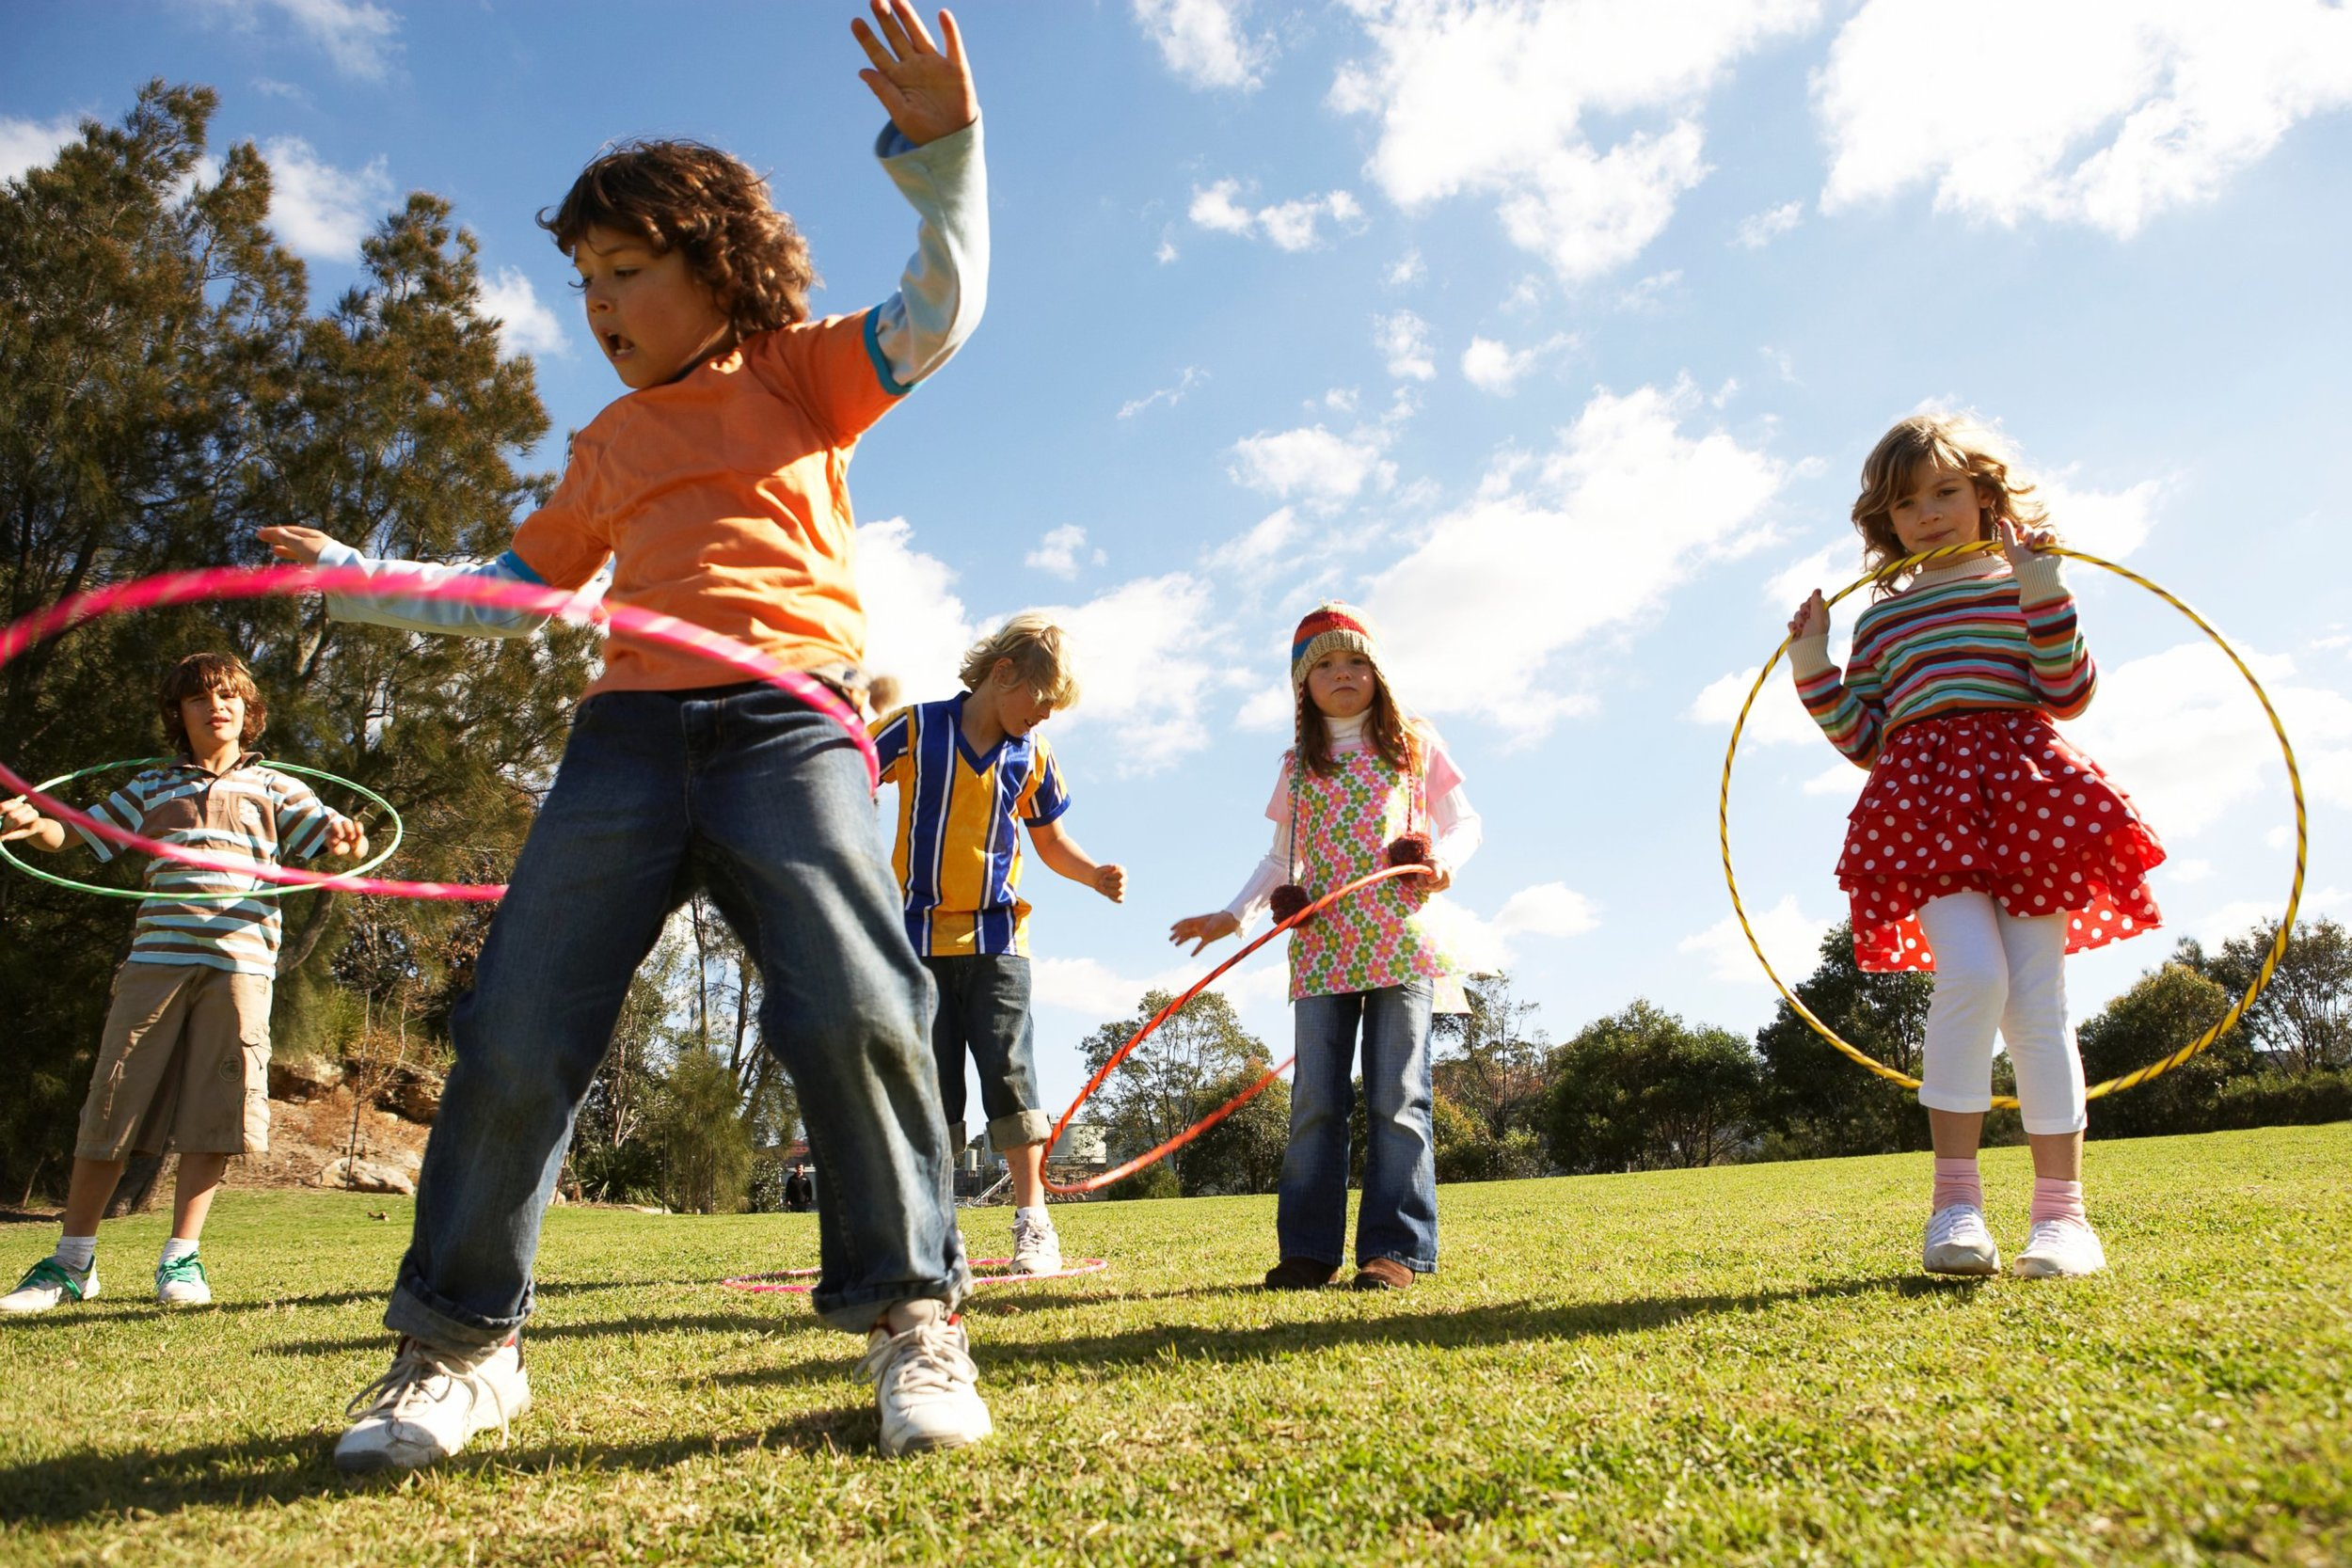 Kids_Playing.jpg